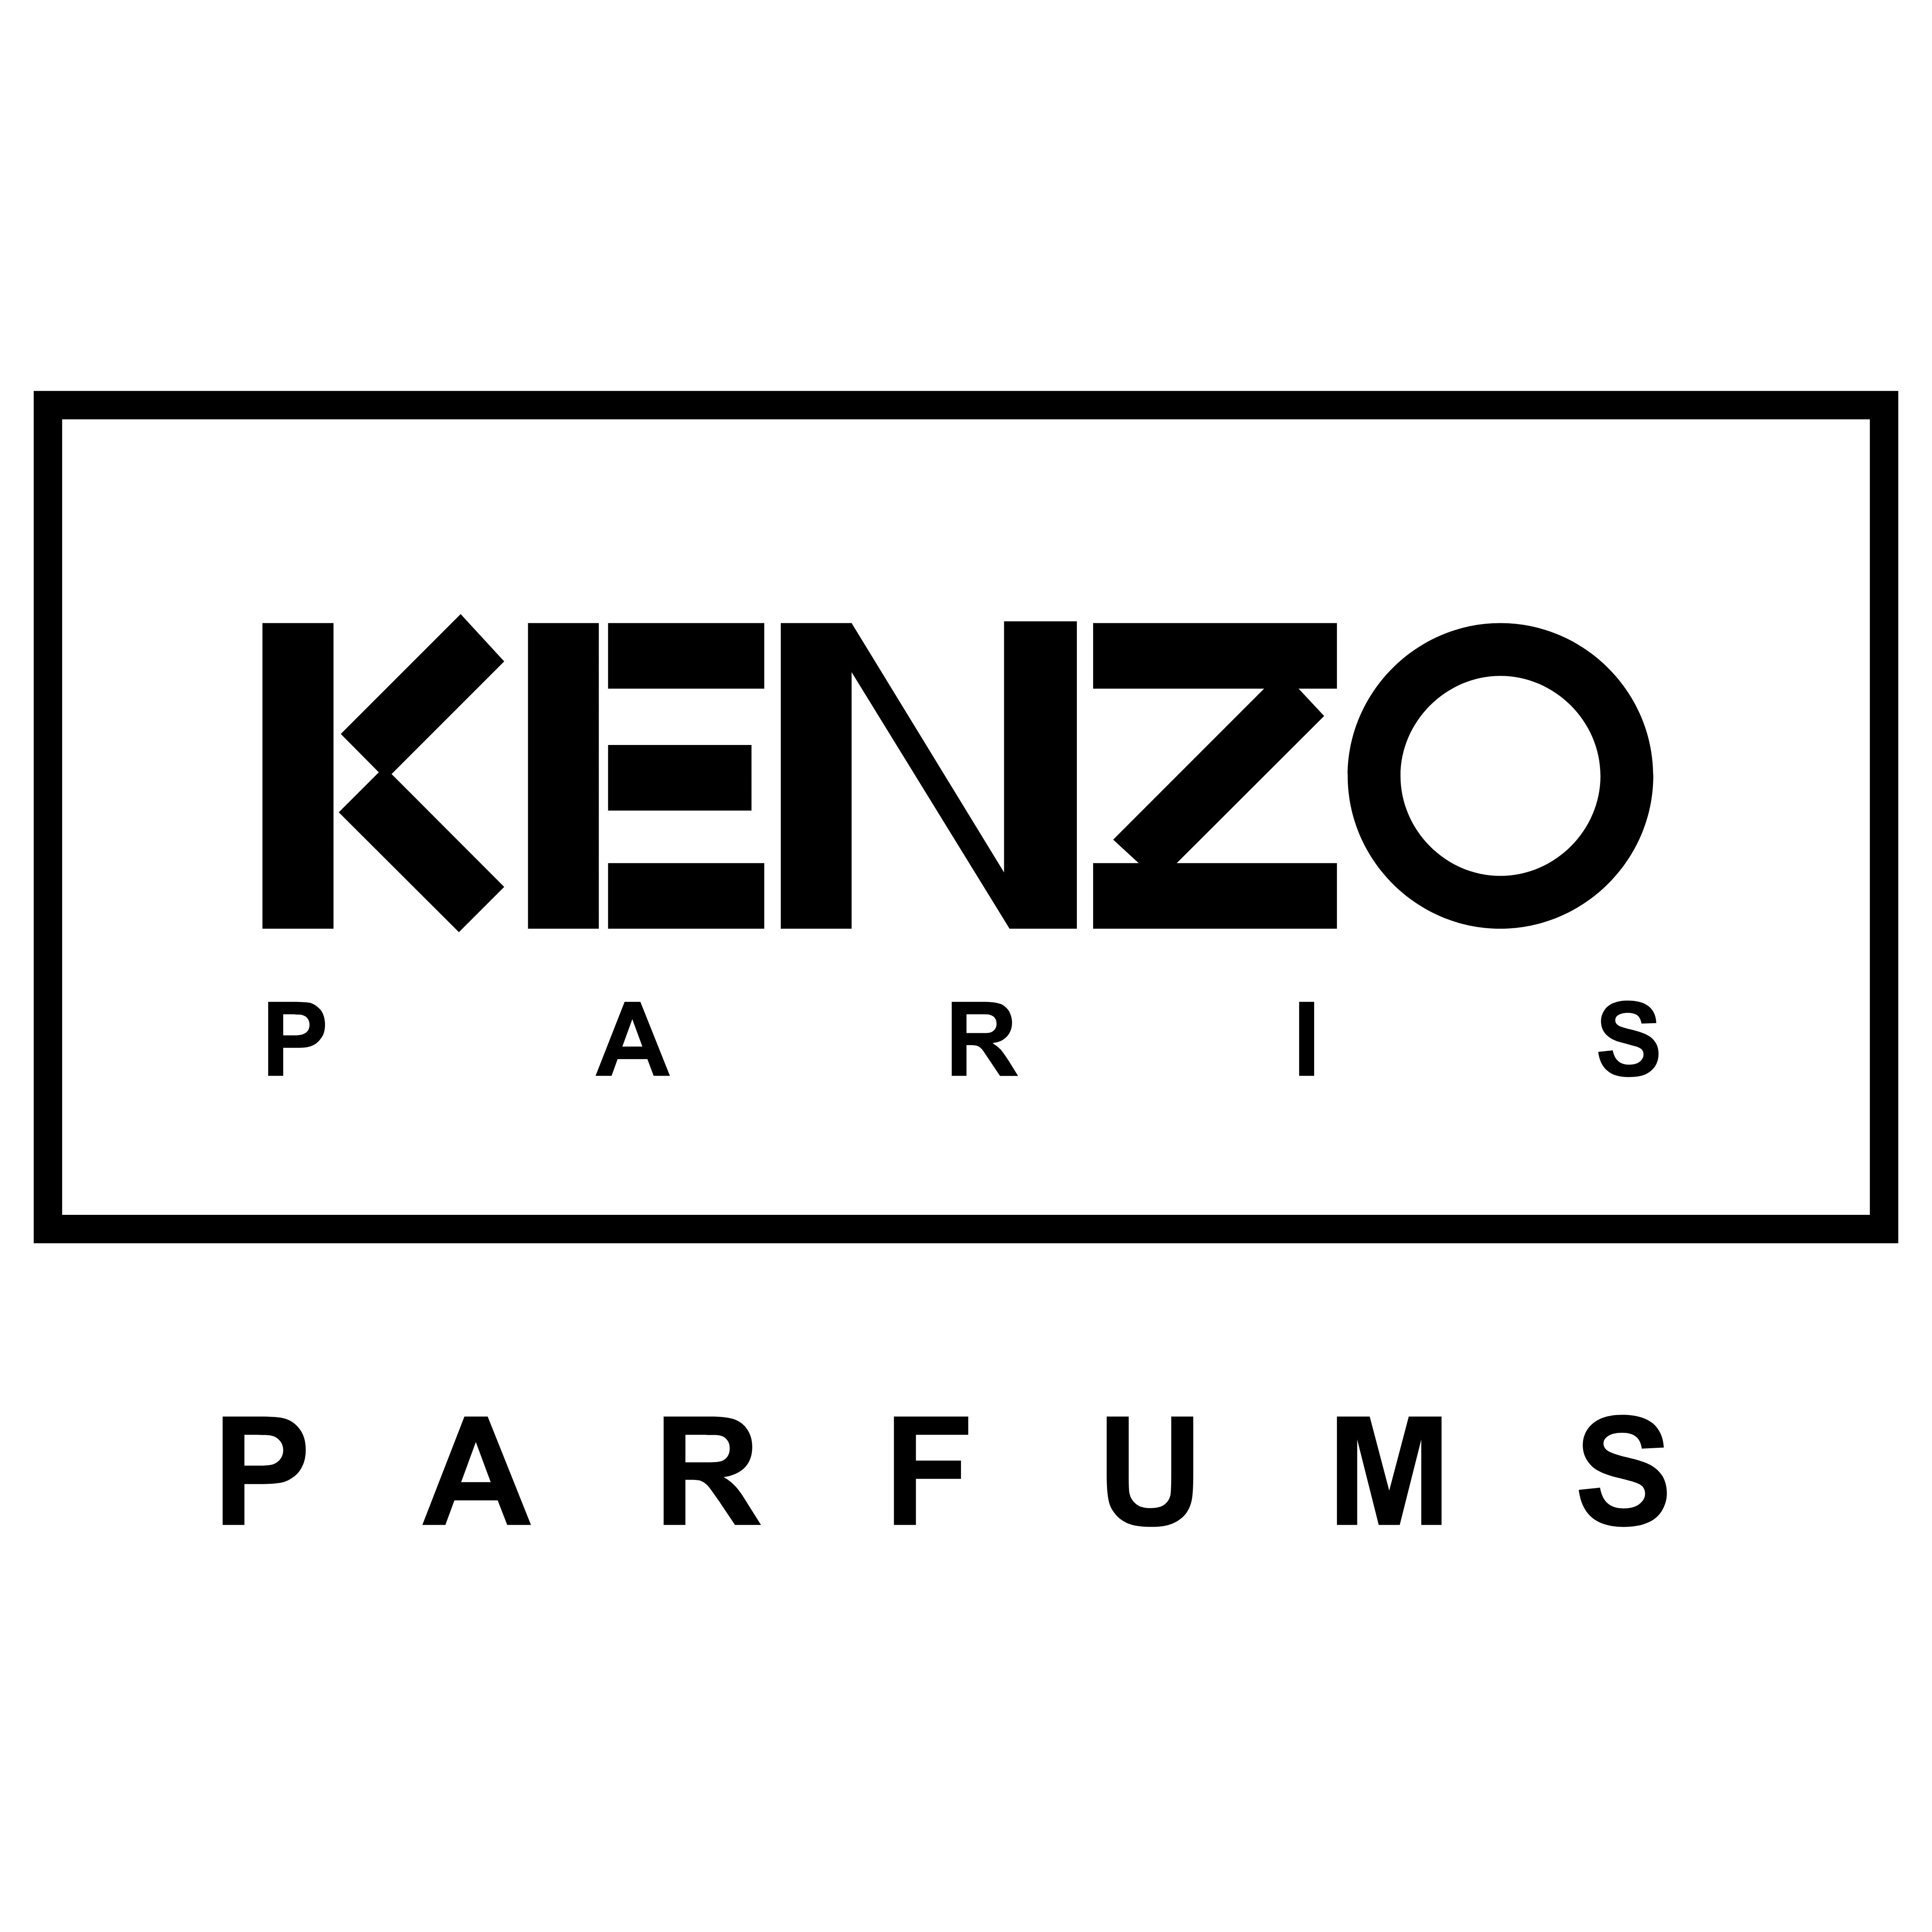 Kenzo.